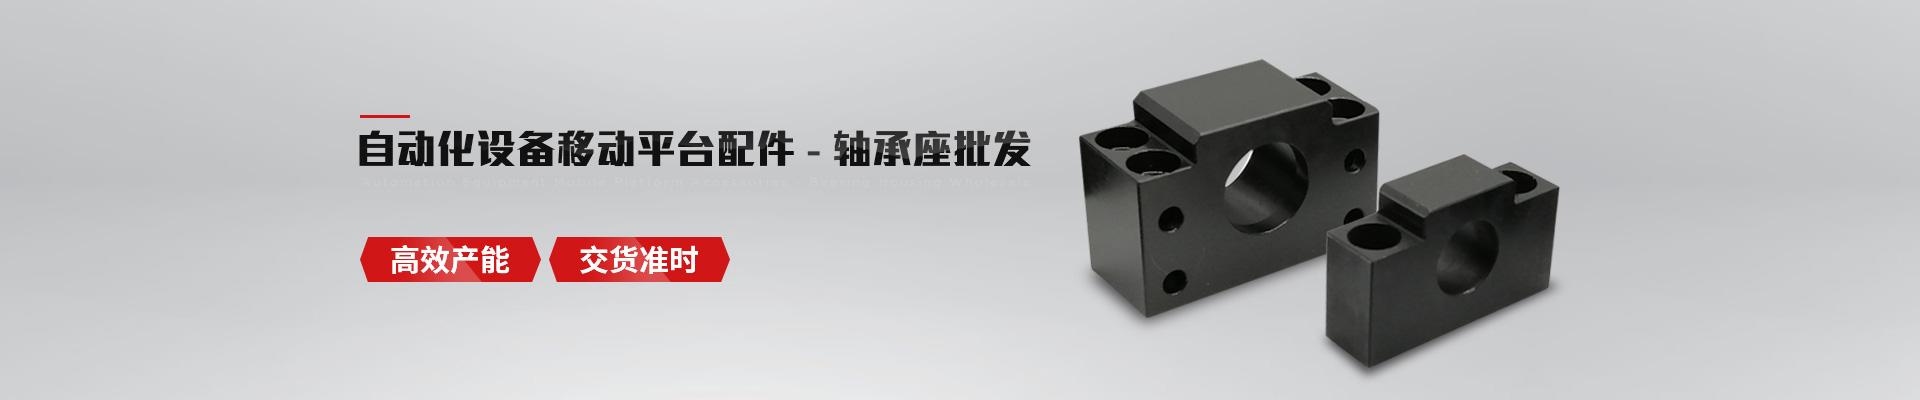 彤盛五金-自动化设备移动平台配件- 轴承座批发